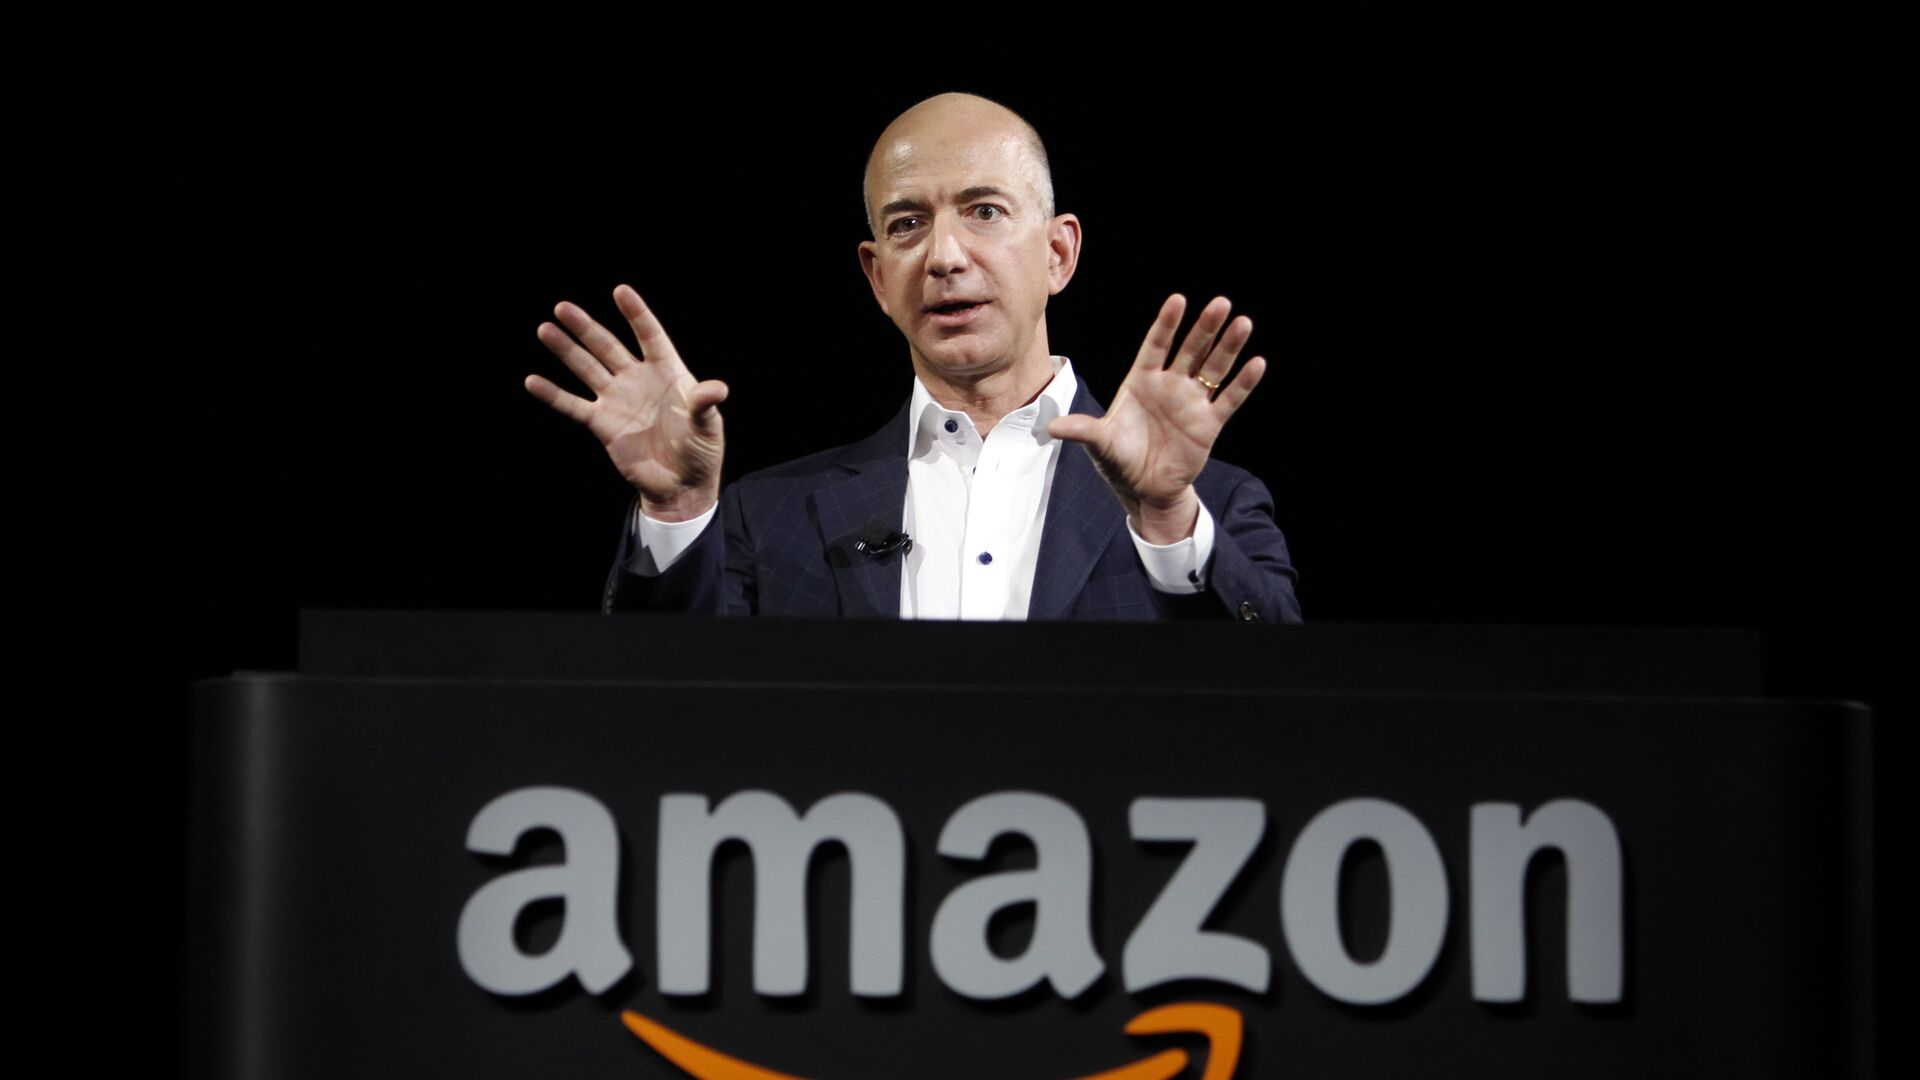 Глава и основатель Amazon Джефф Безос выступает на презентации Kindle Fire HD и Kindle Paperwhite в Санта-Монике, Калифорния - РИА Новости, 1920, 06.04.2021